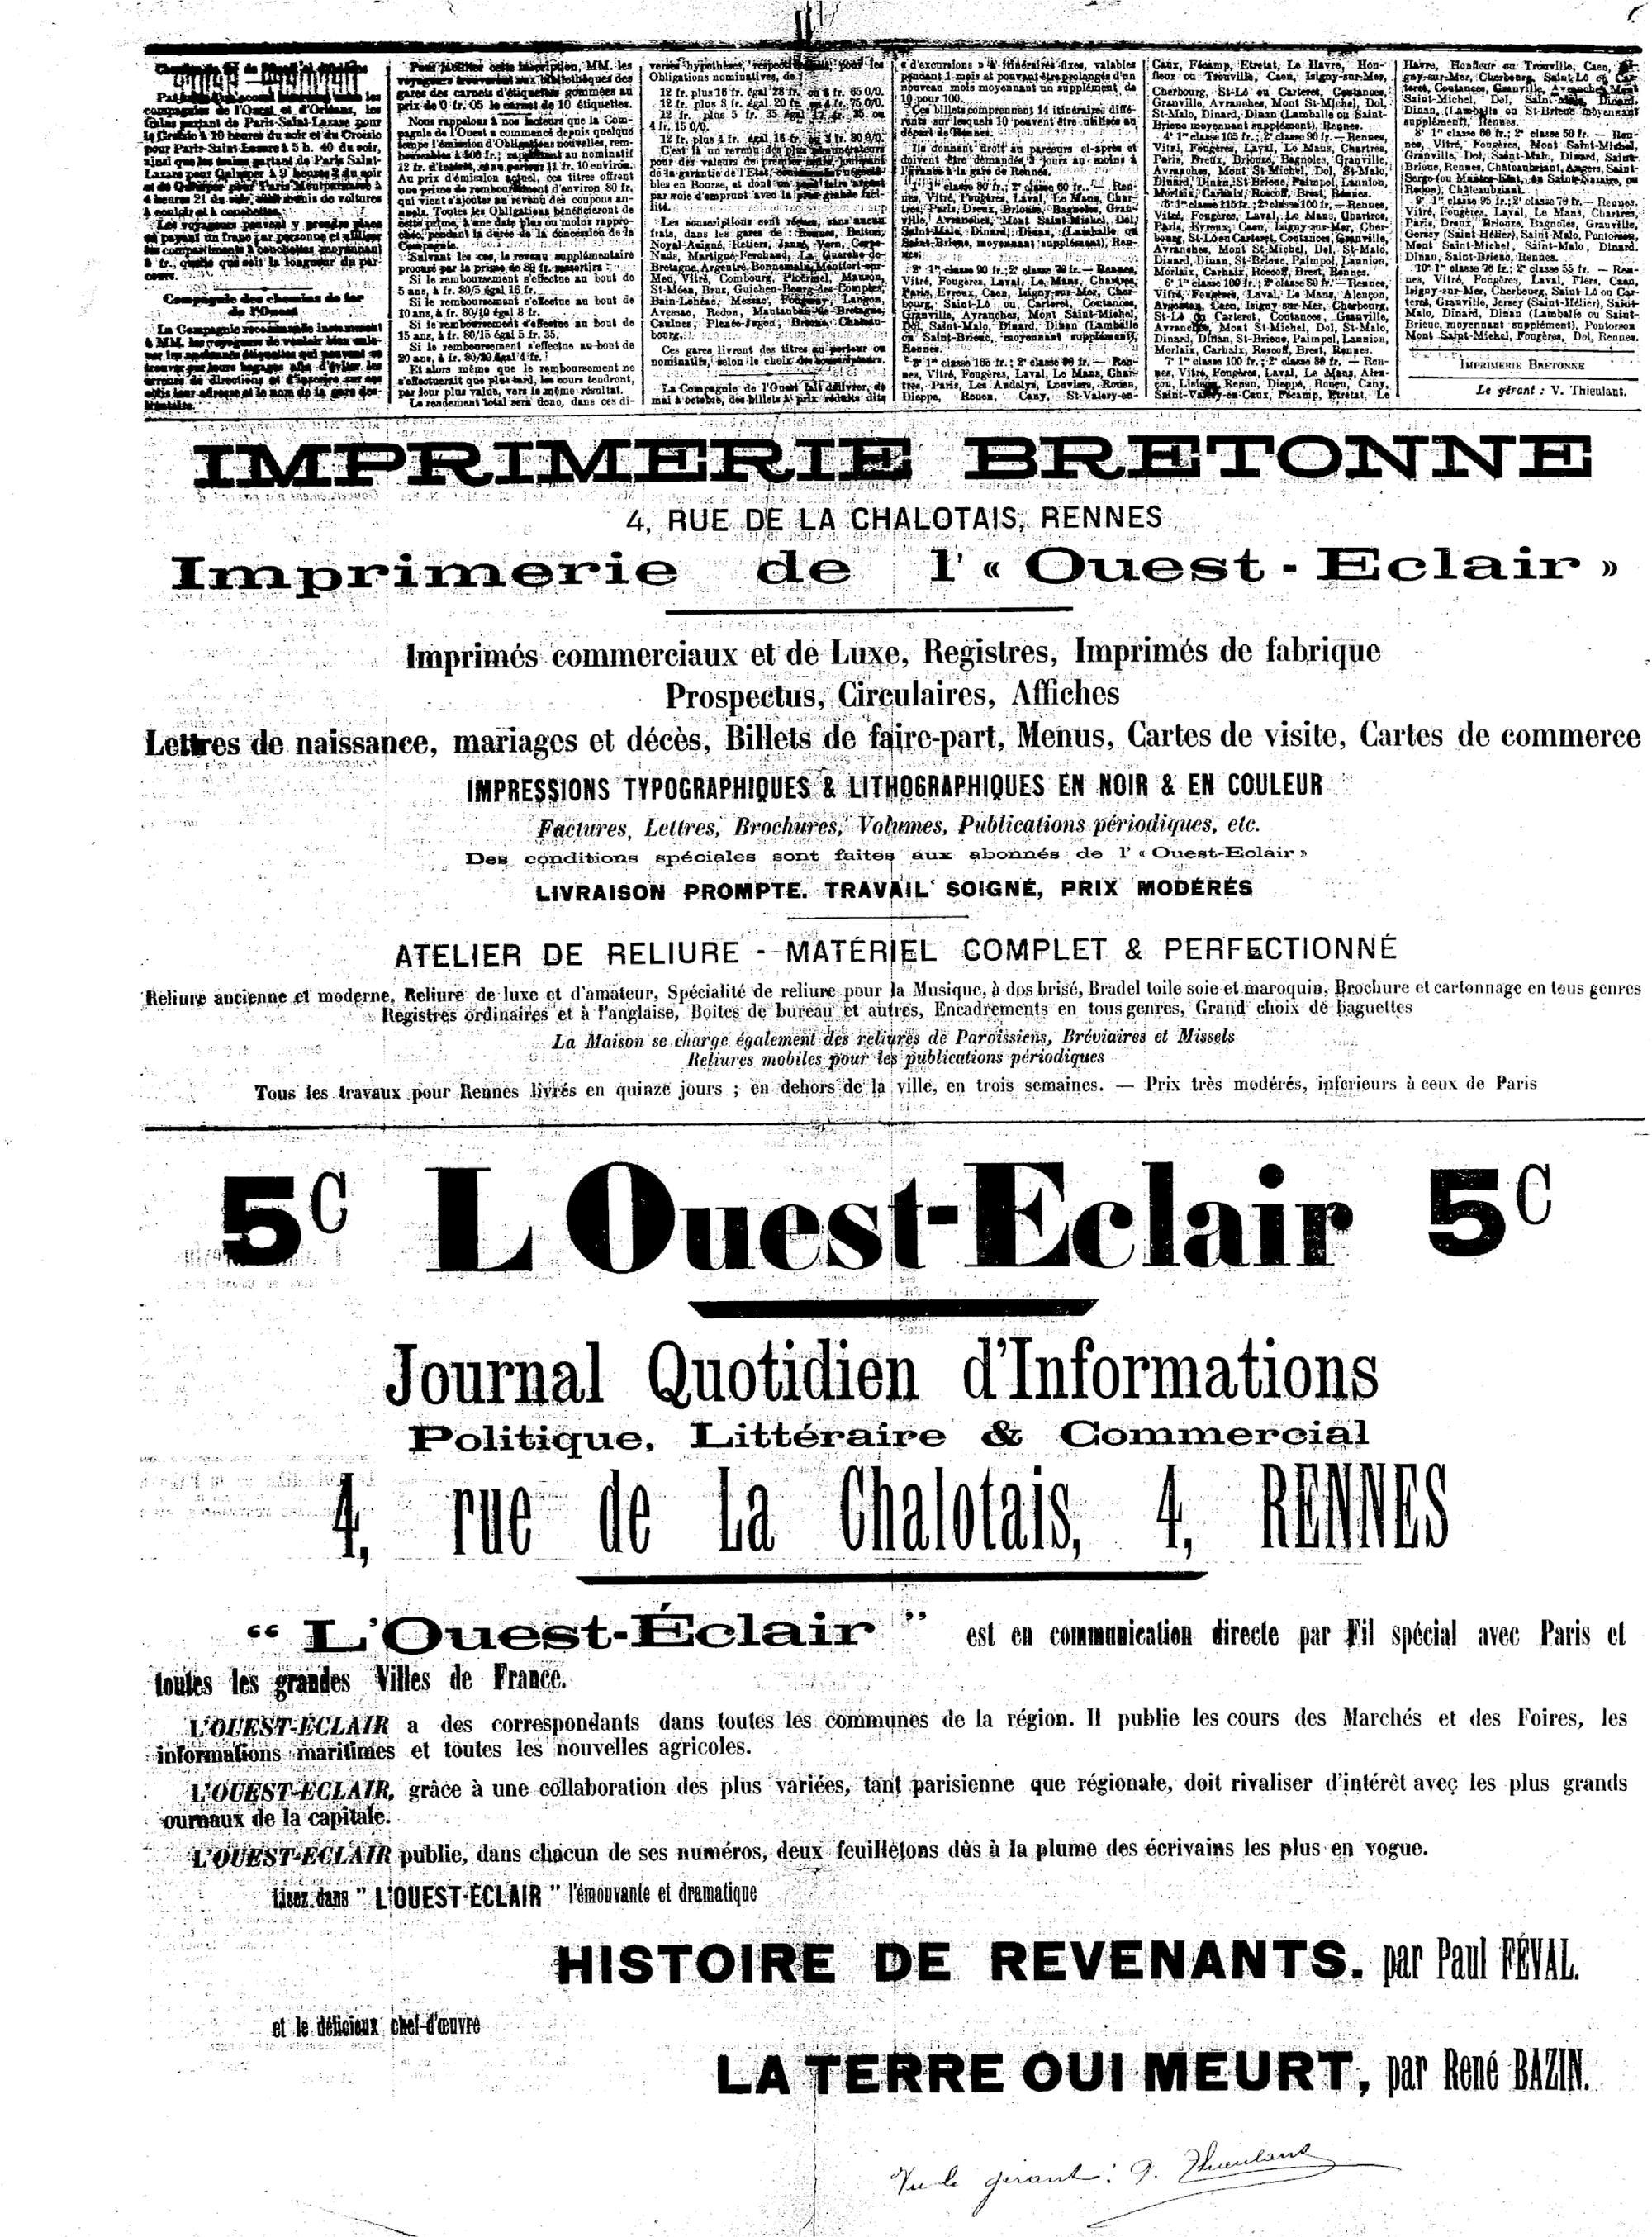 PageLOuest Clair N 16 1899 08 17pdf 4